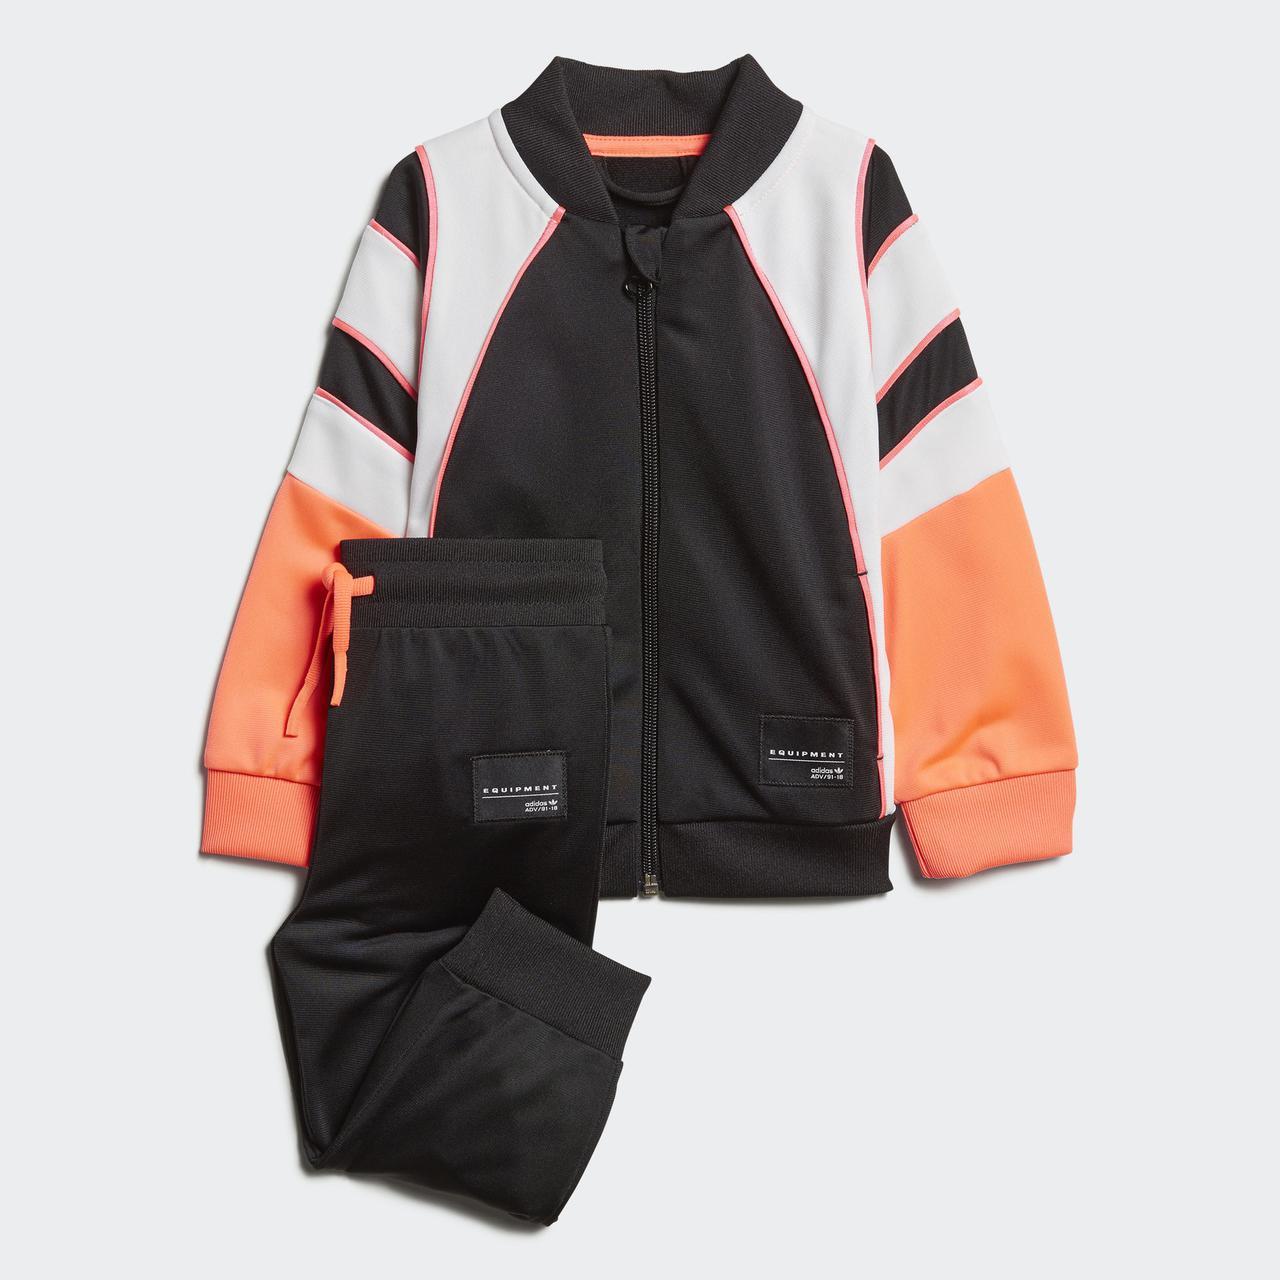 Детский костюм Adidas EQT (Артикул  D98798)  купить в Украине ... 2850005ca39